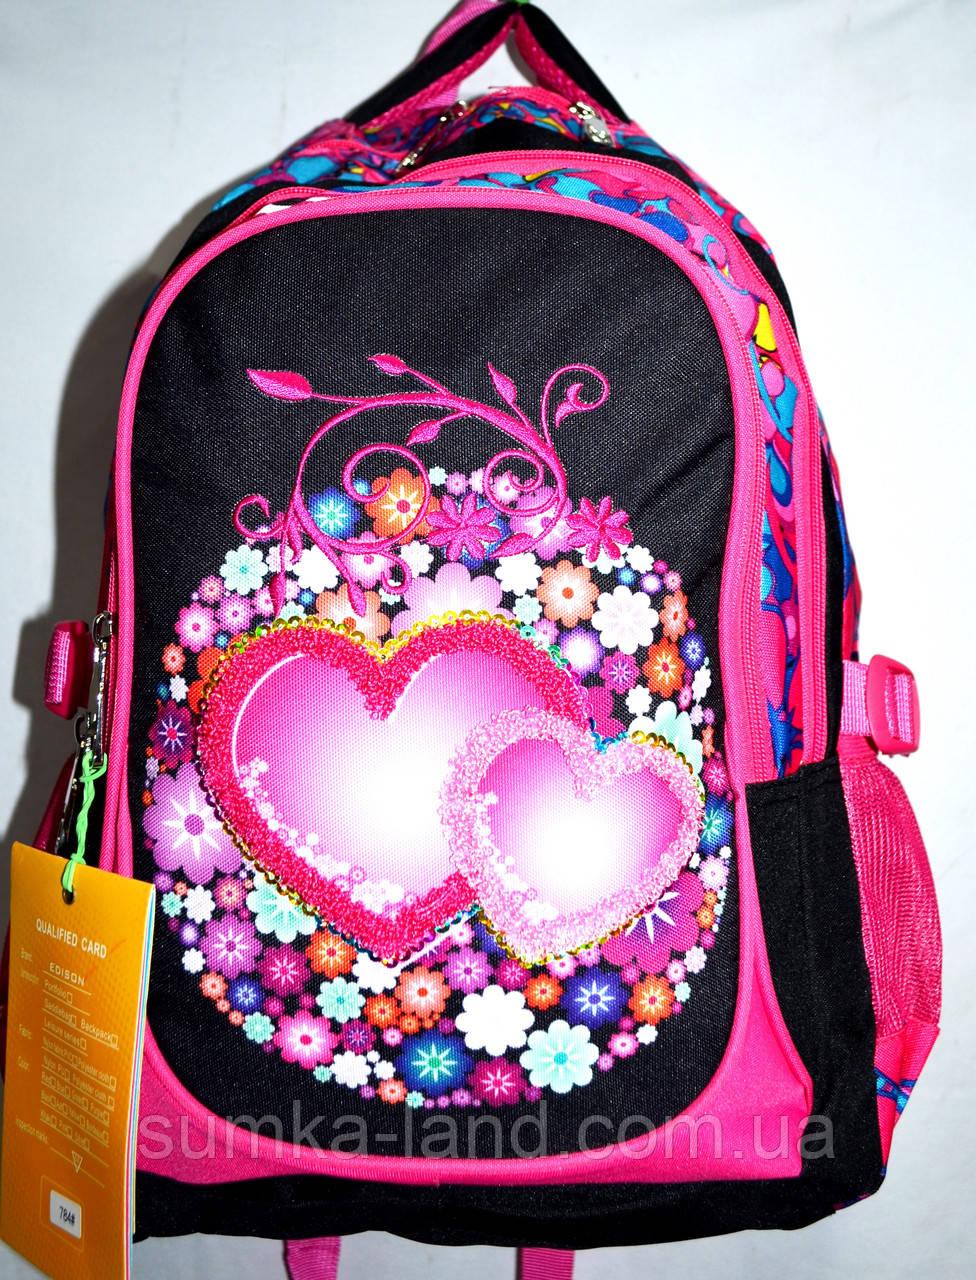 Школьный рюкзак Edison для девочек 32*46 (розоввый)